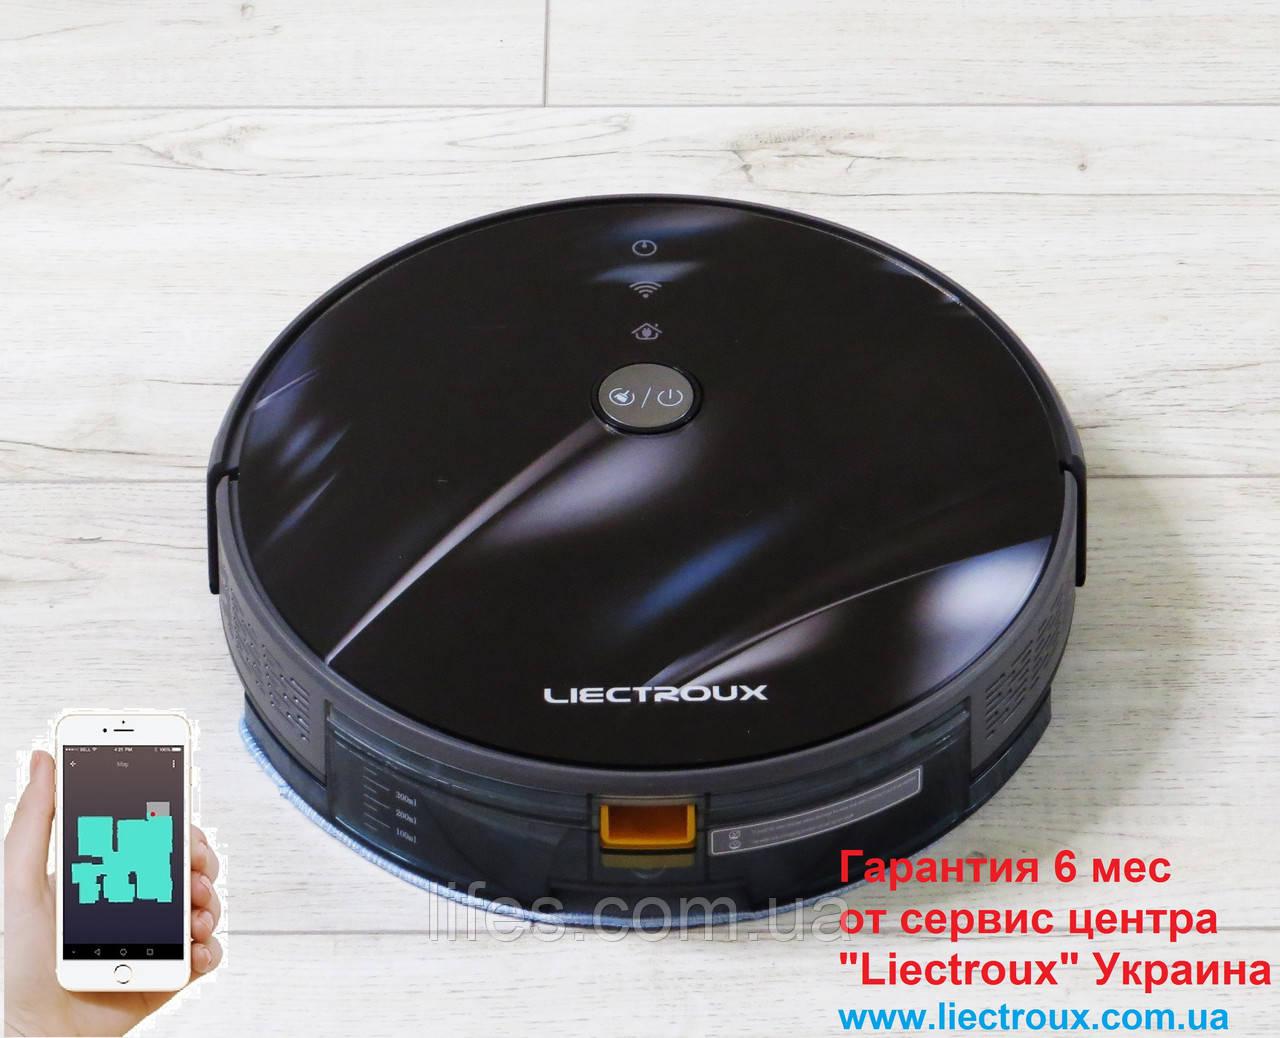 Робот - пылесос LIECTROUX C30B. 3D Блик.  WI-FI. Немецкий бренд. Европейская версия. Модель 2020 года.